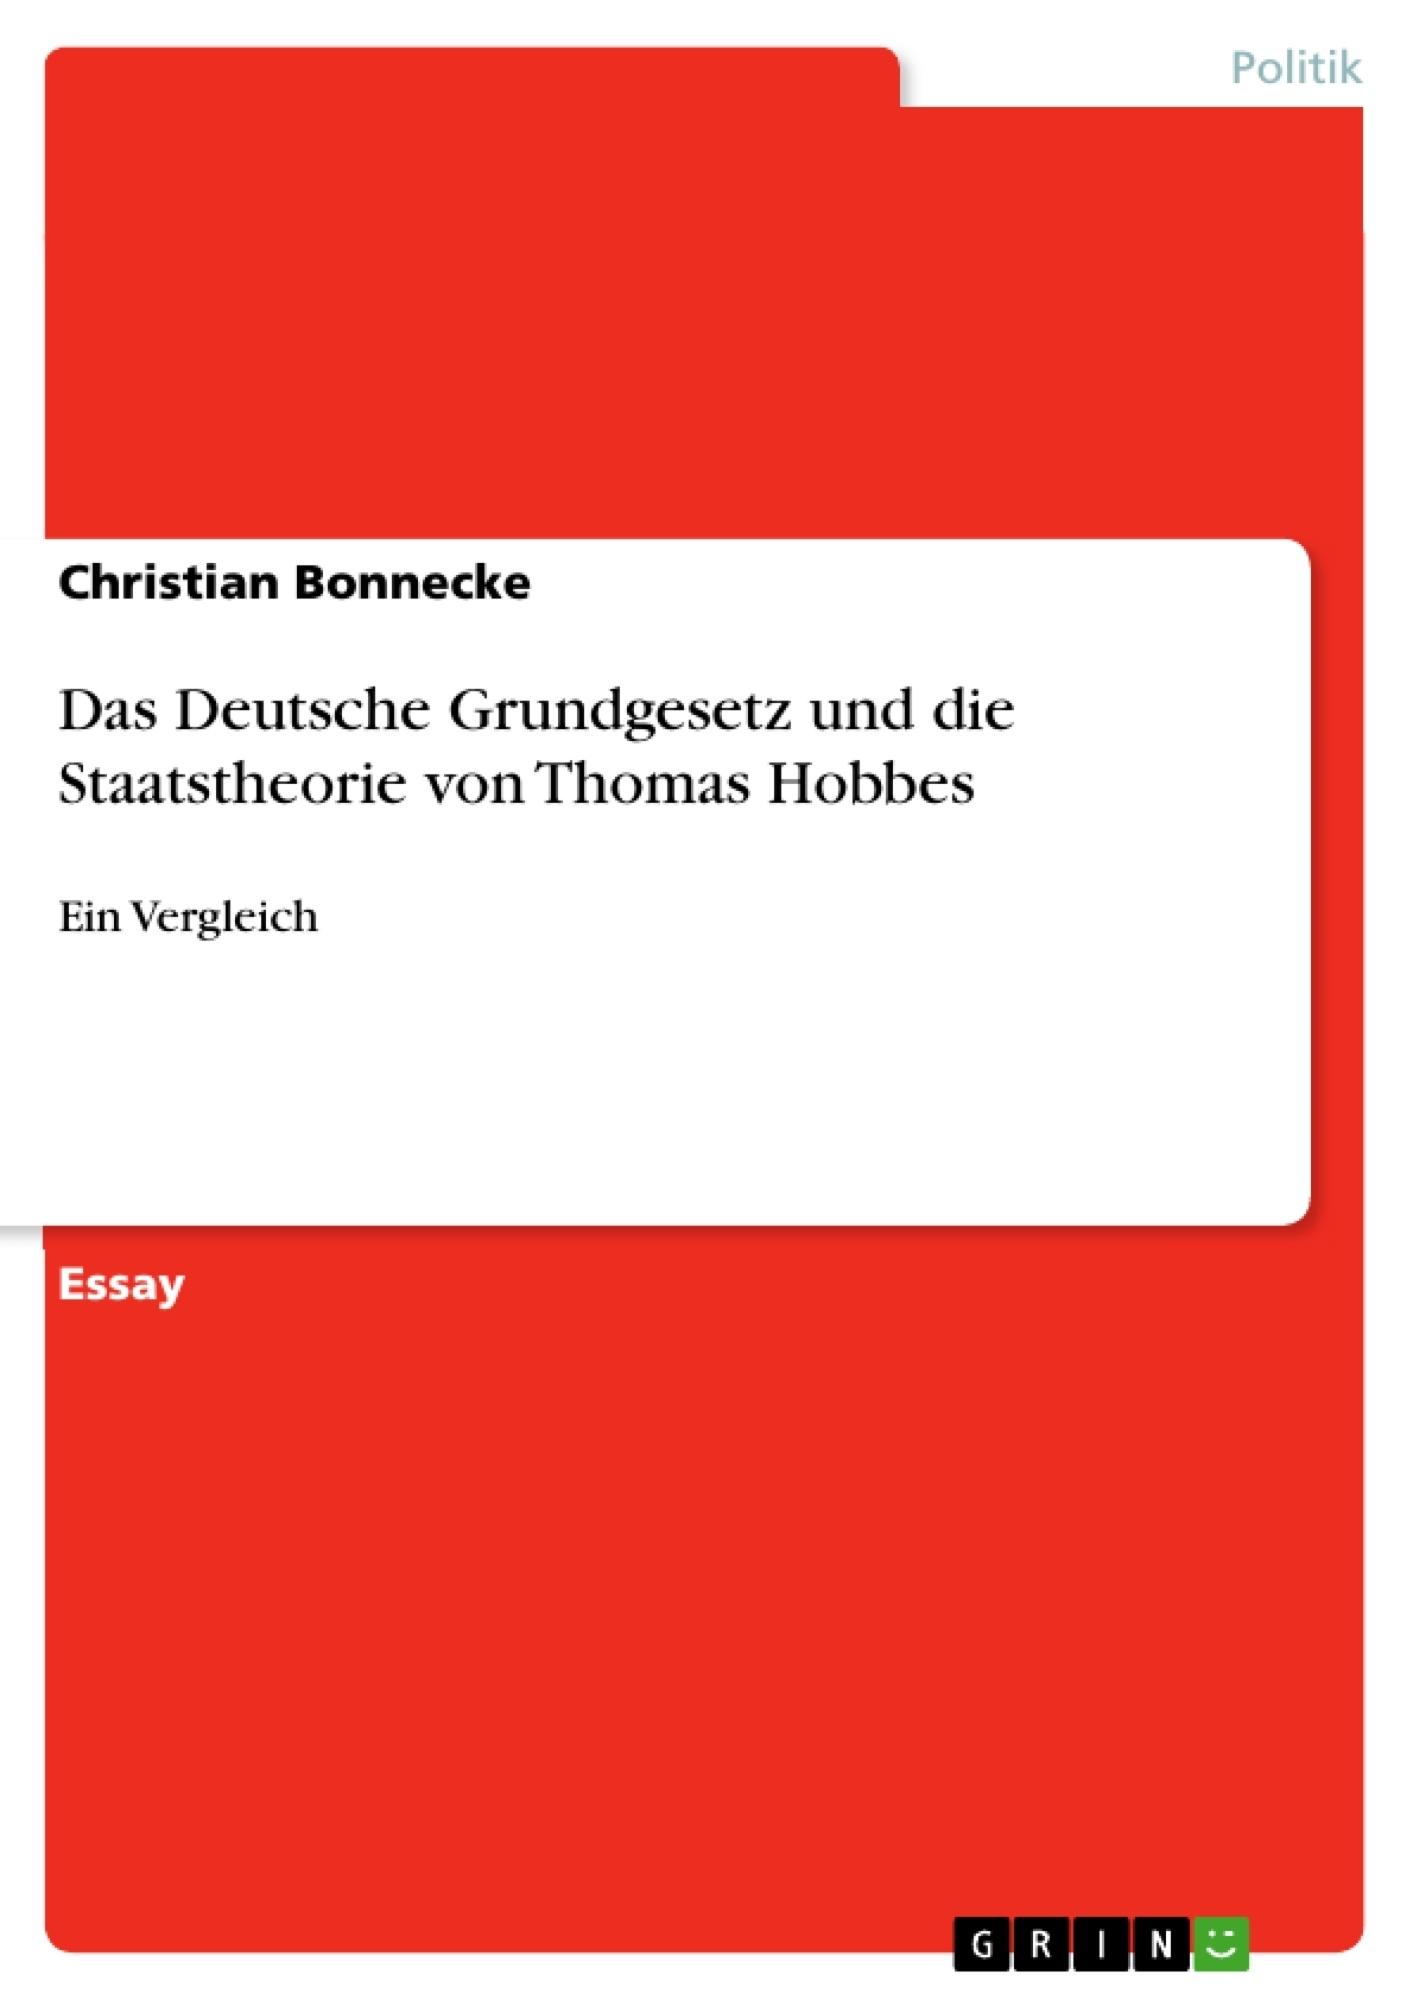 Titel: Das Deutsche Grundgesetz und die Staatstheorie von Thomas Hobbes